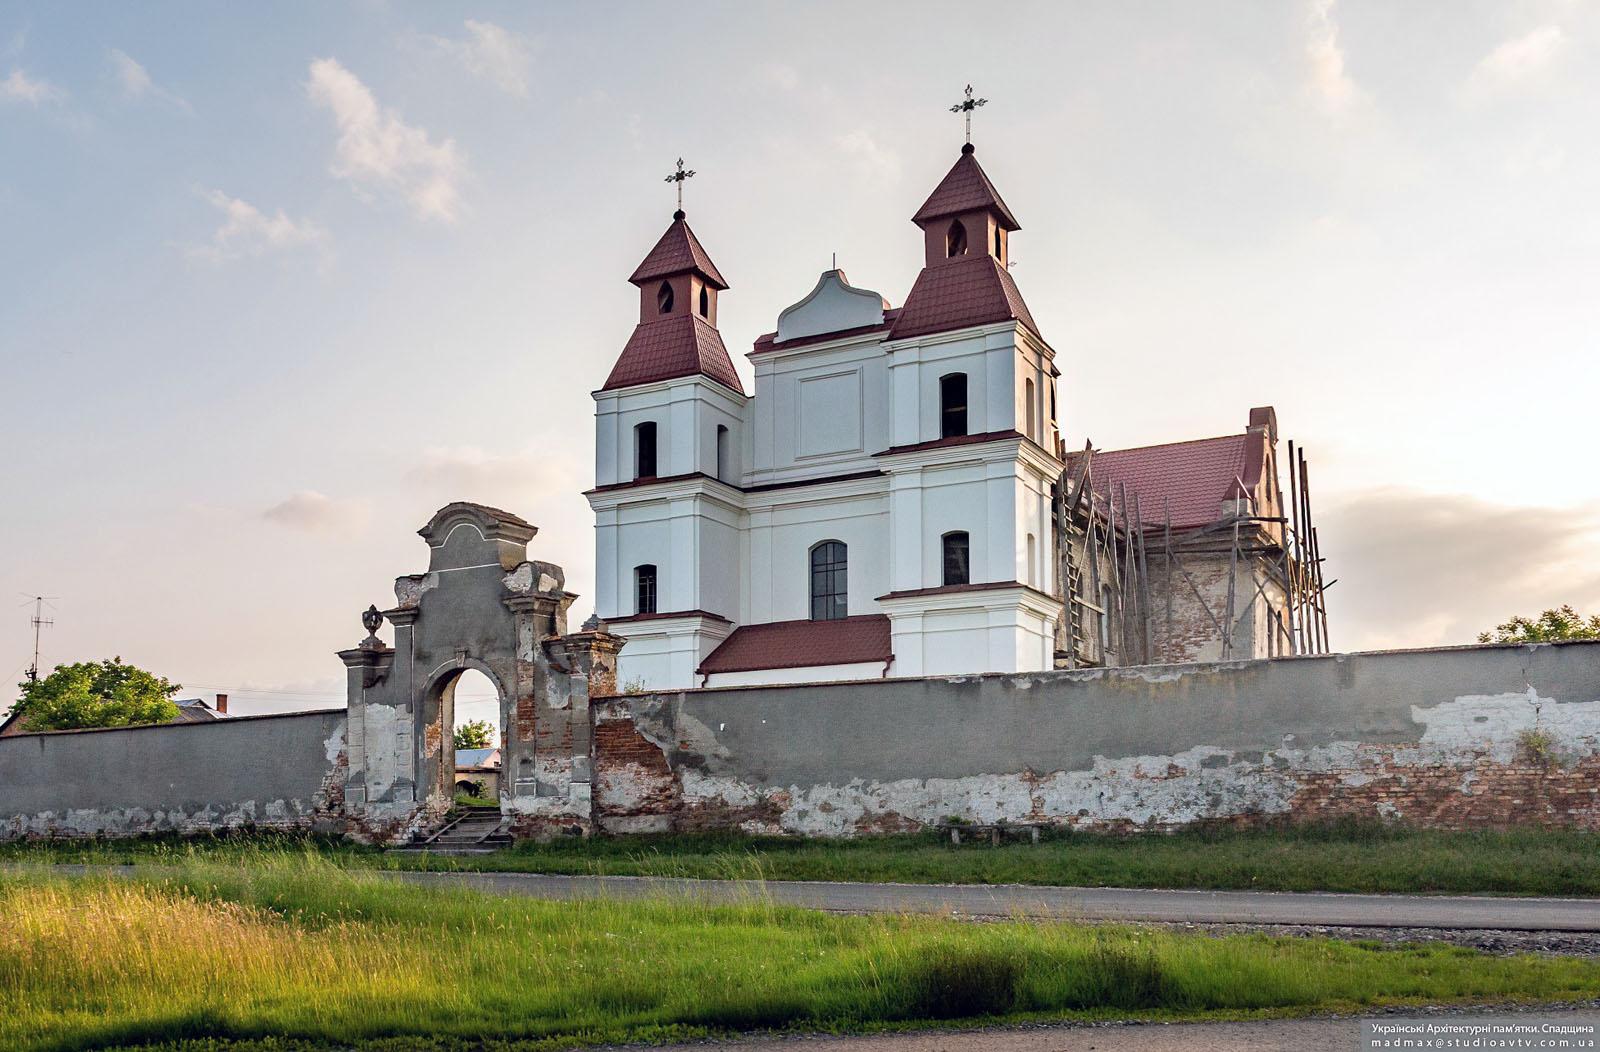 Тартаківський костел св. Архангела Михаїла: знищити не можна врятувати